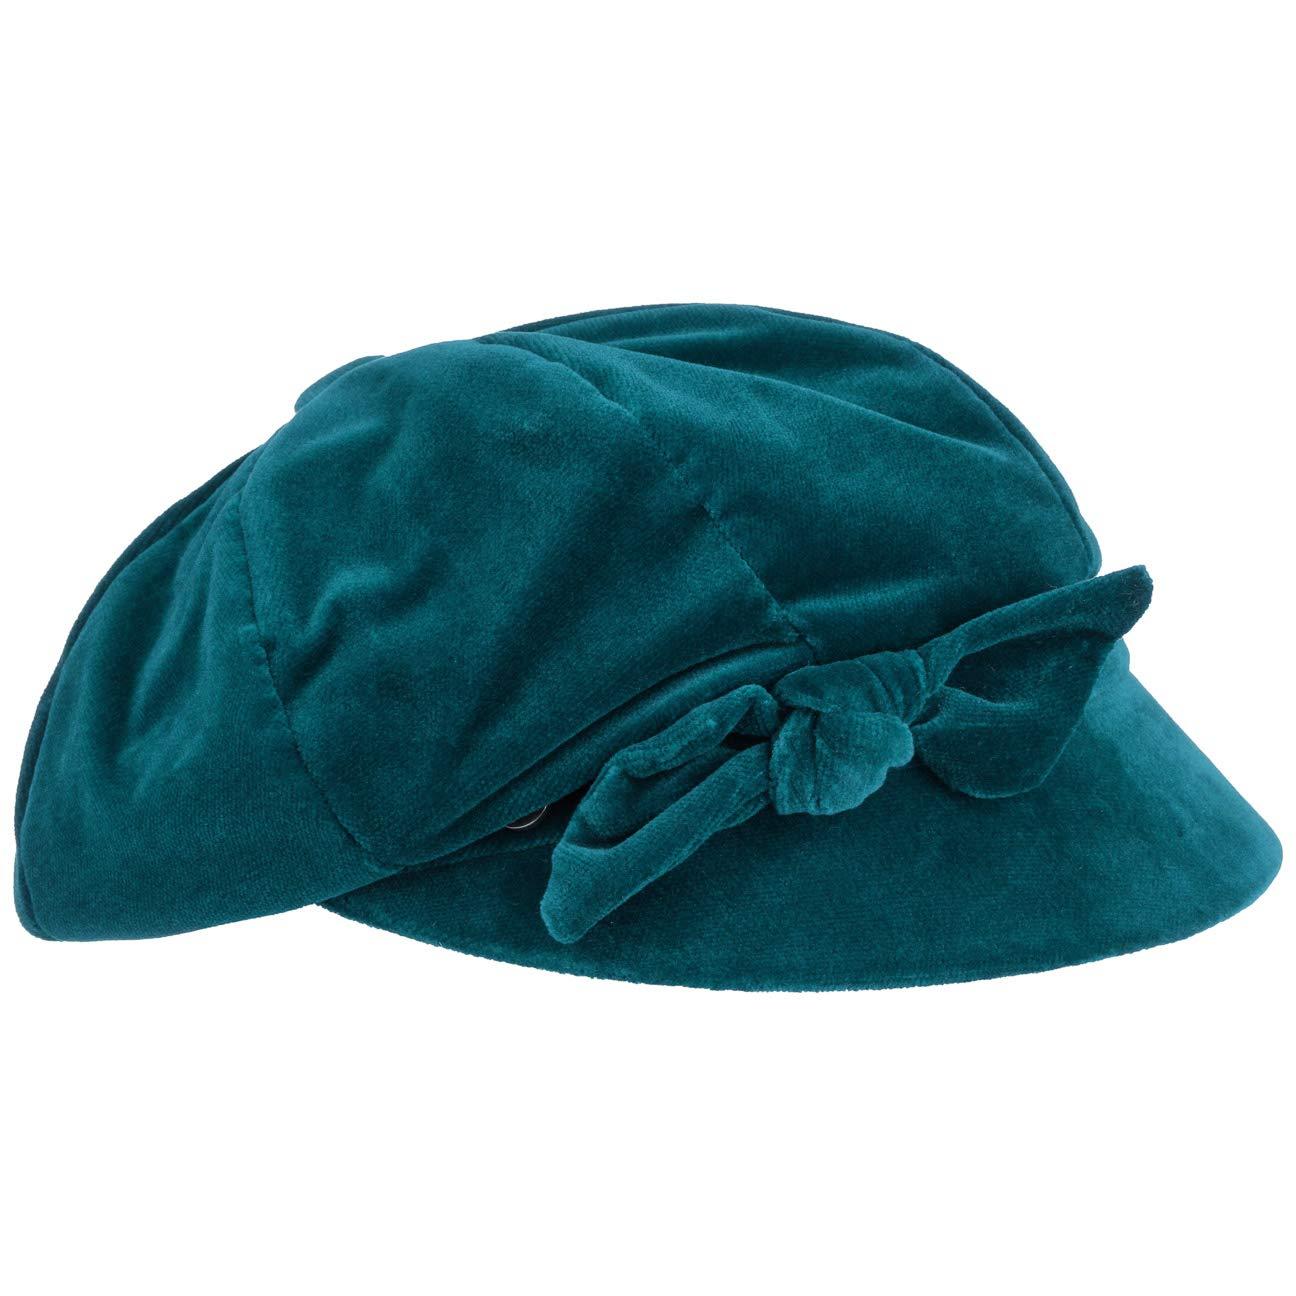 Lierys SAMT Ballonmütze Damencap Newsboy-Mütze Wintercap Baumwollcap für Damen mit Schirm, Futter Herbst Winter